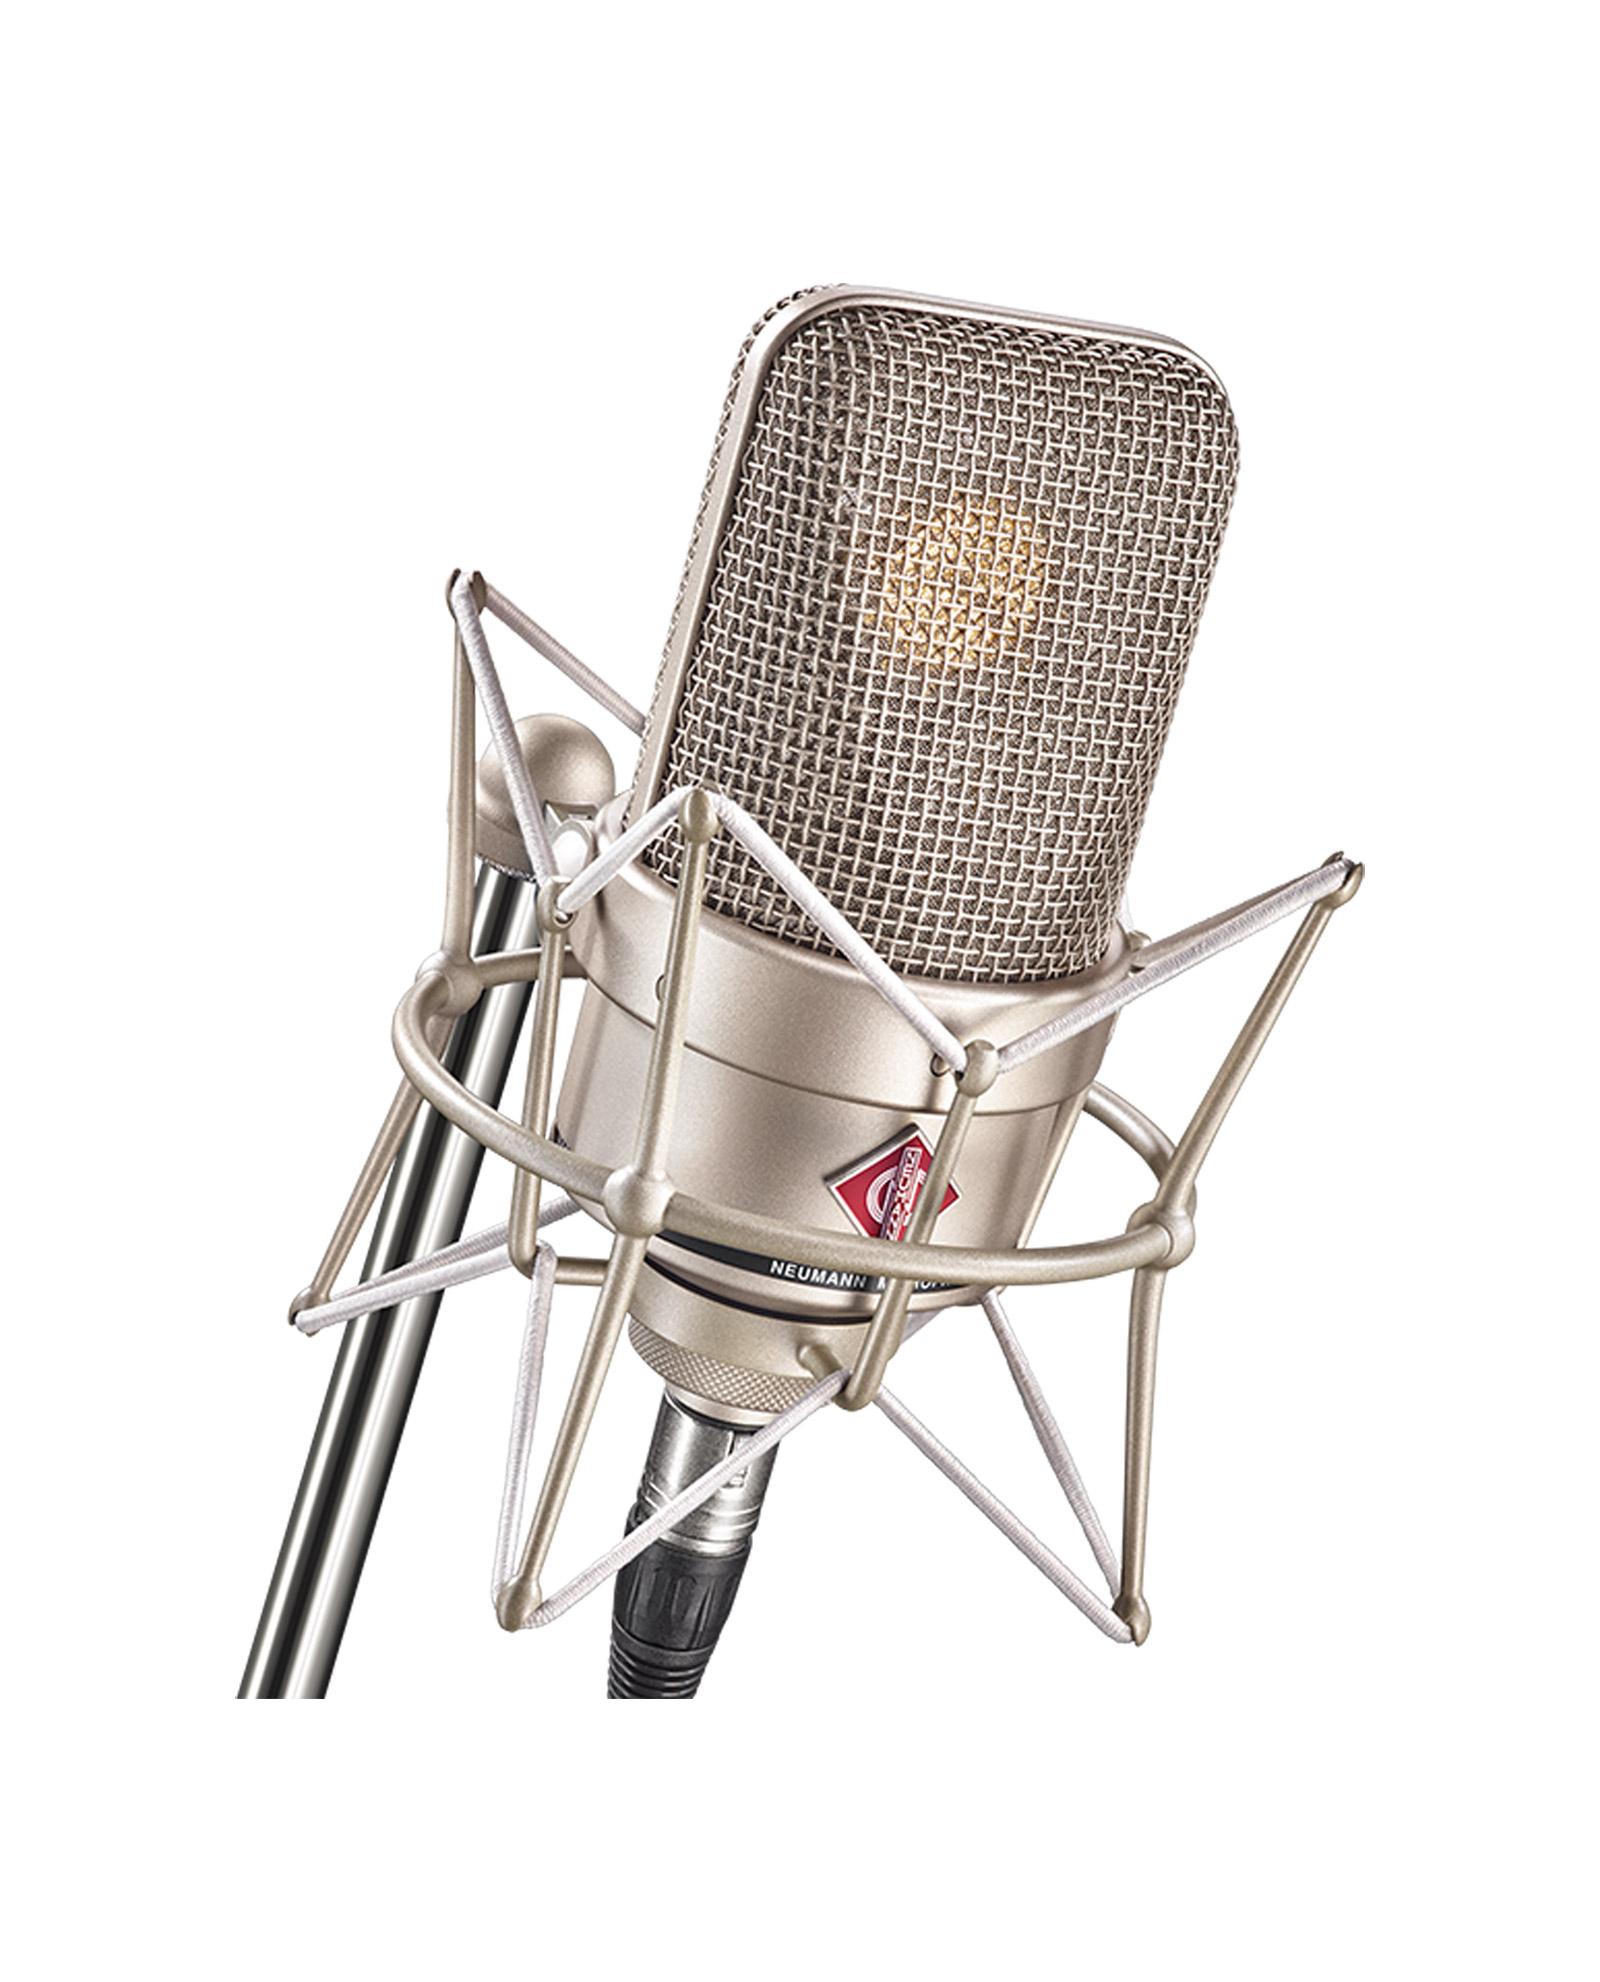 Neumann Tlm43 Studio Microphone